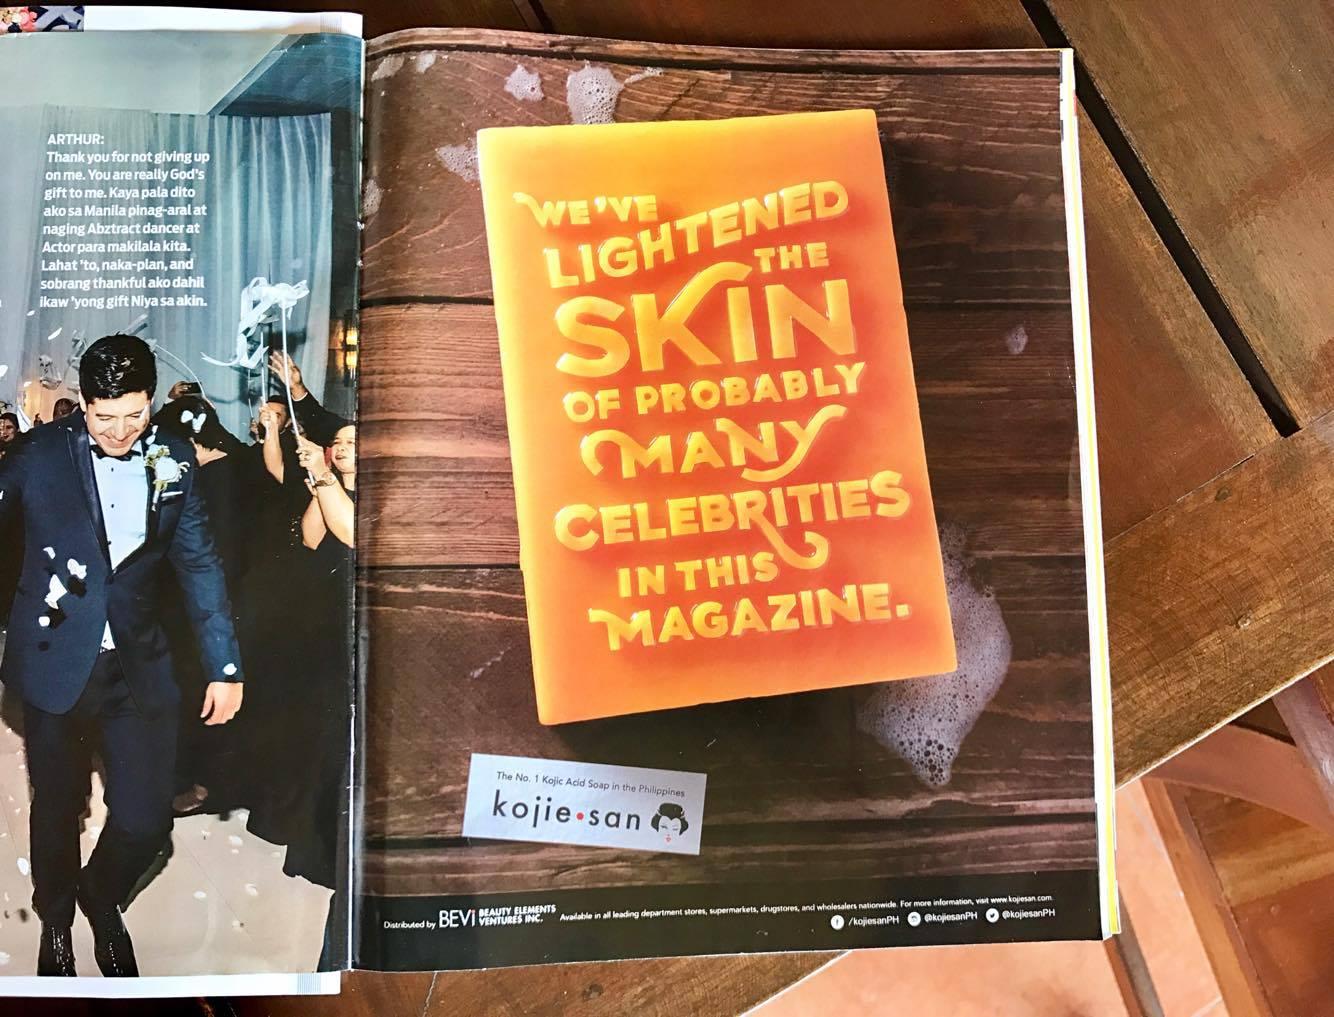 「この雑誌に載っている多くのセレブの肌は私たちが白くしたかもしれない」(フィリピンの有名ファッション雑誌「YES!」に載っていた広告から)